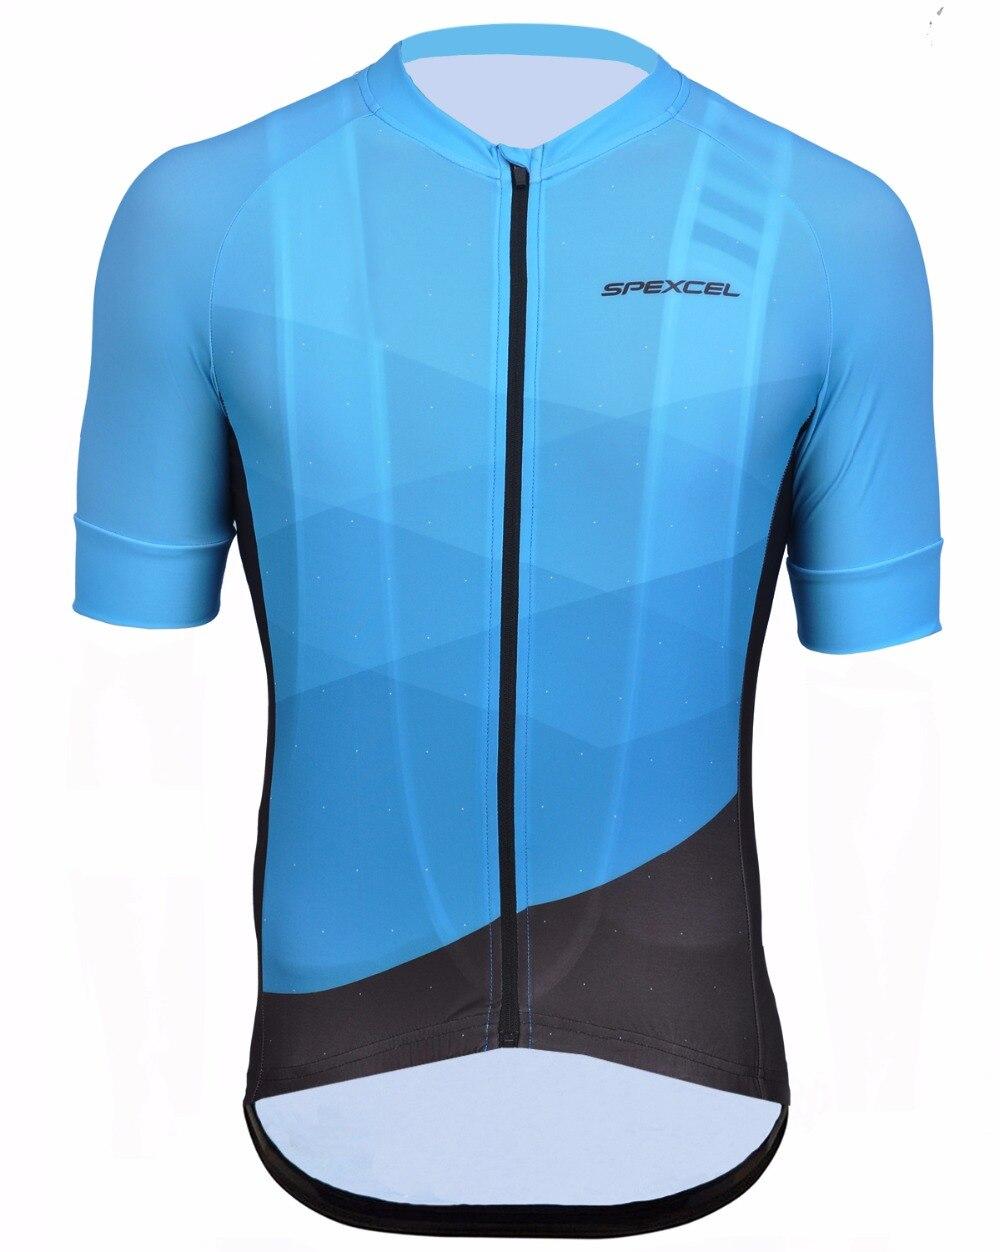 Prix pour Spexcel 2016 bleu léger de haute qualité vélo jersey course ajustement serré à manches courtes route équipement de vélo de montagne vélo vêtements